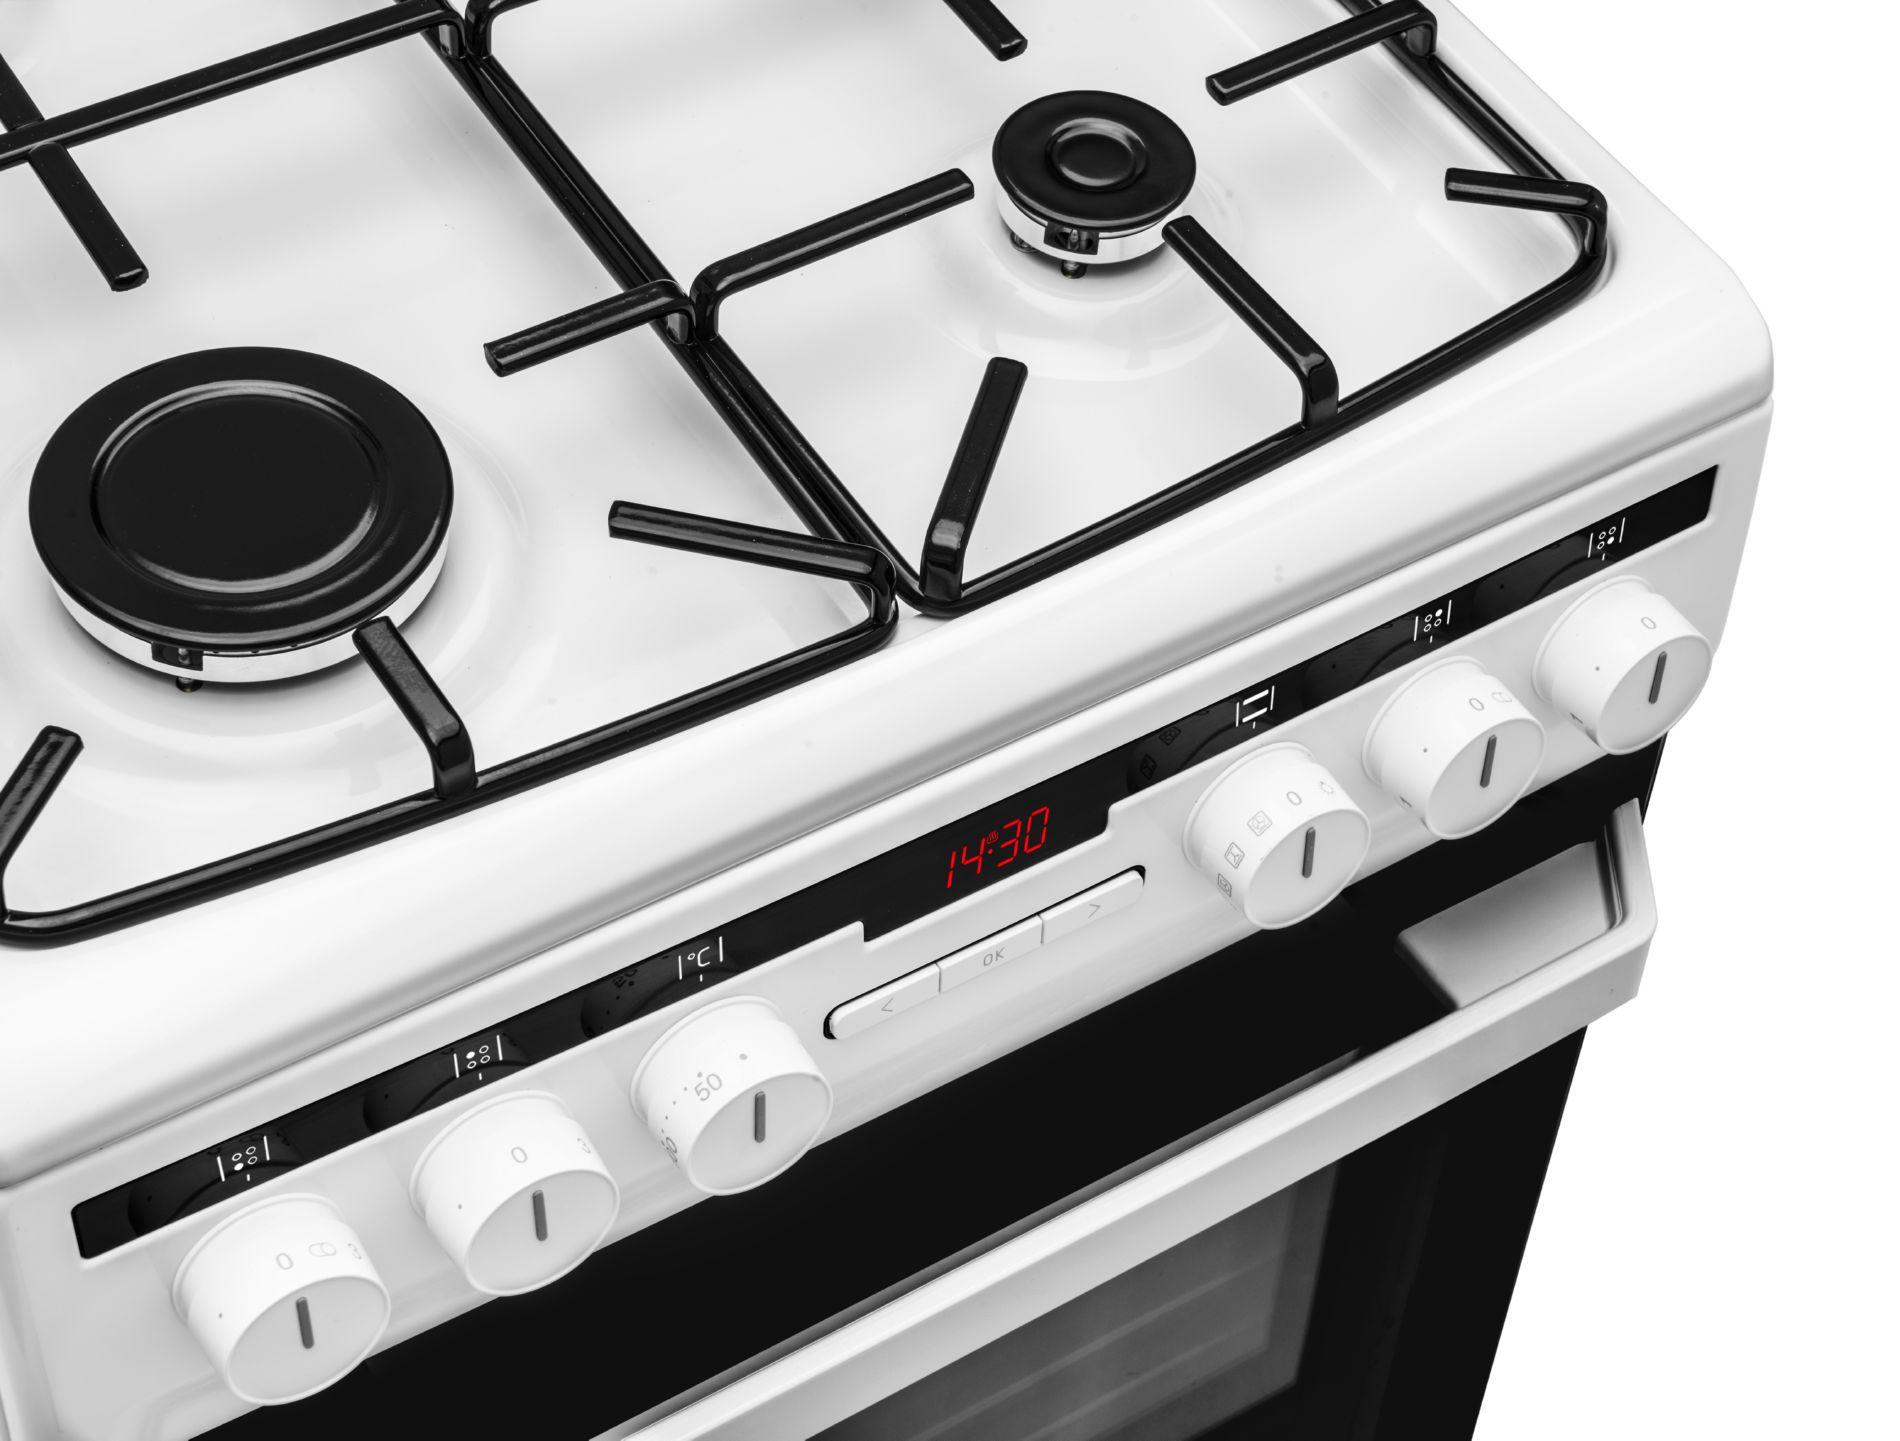 Kuchnia wolnostojąca gazowo elektryczna 58GED2 33HZpTaQ(W